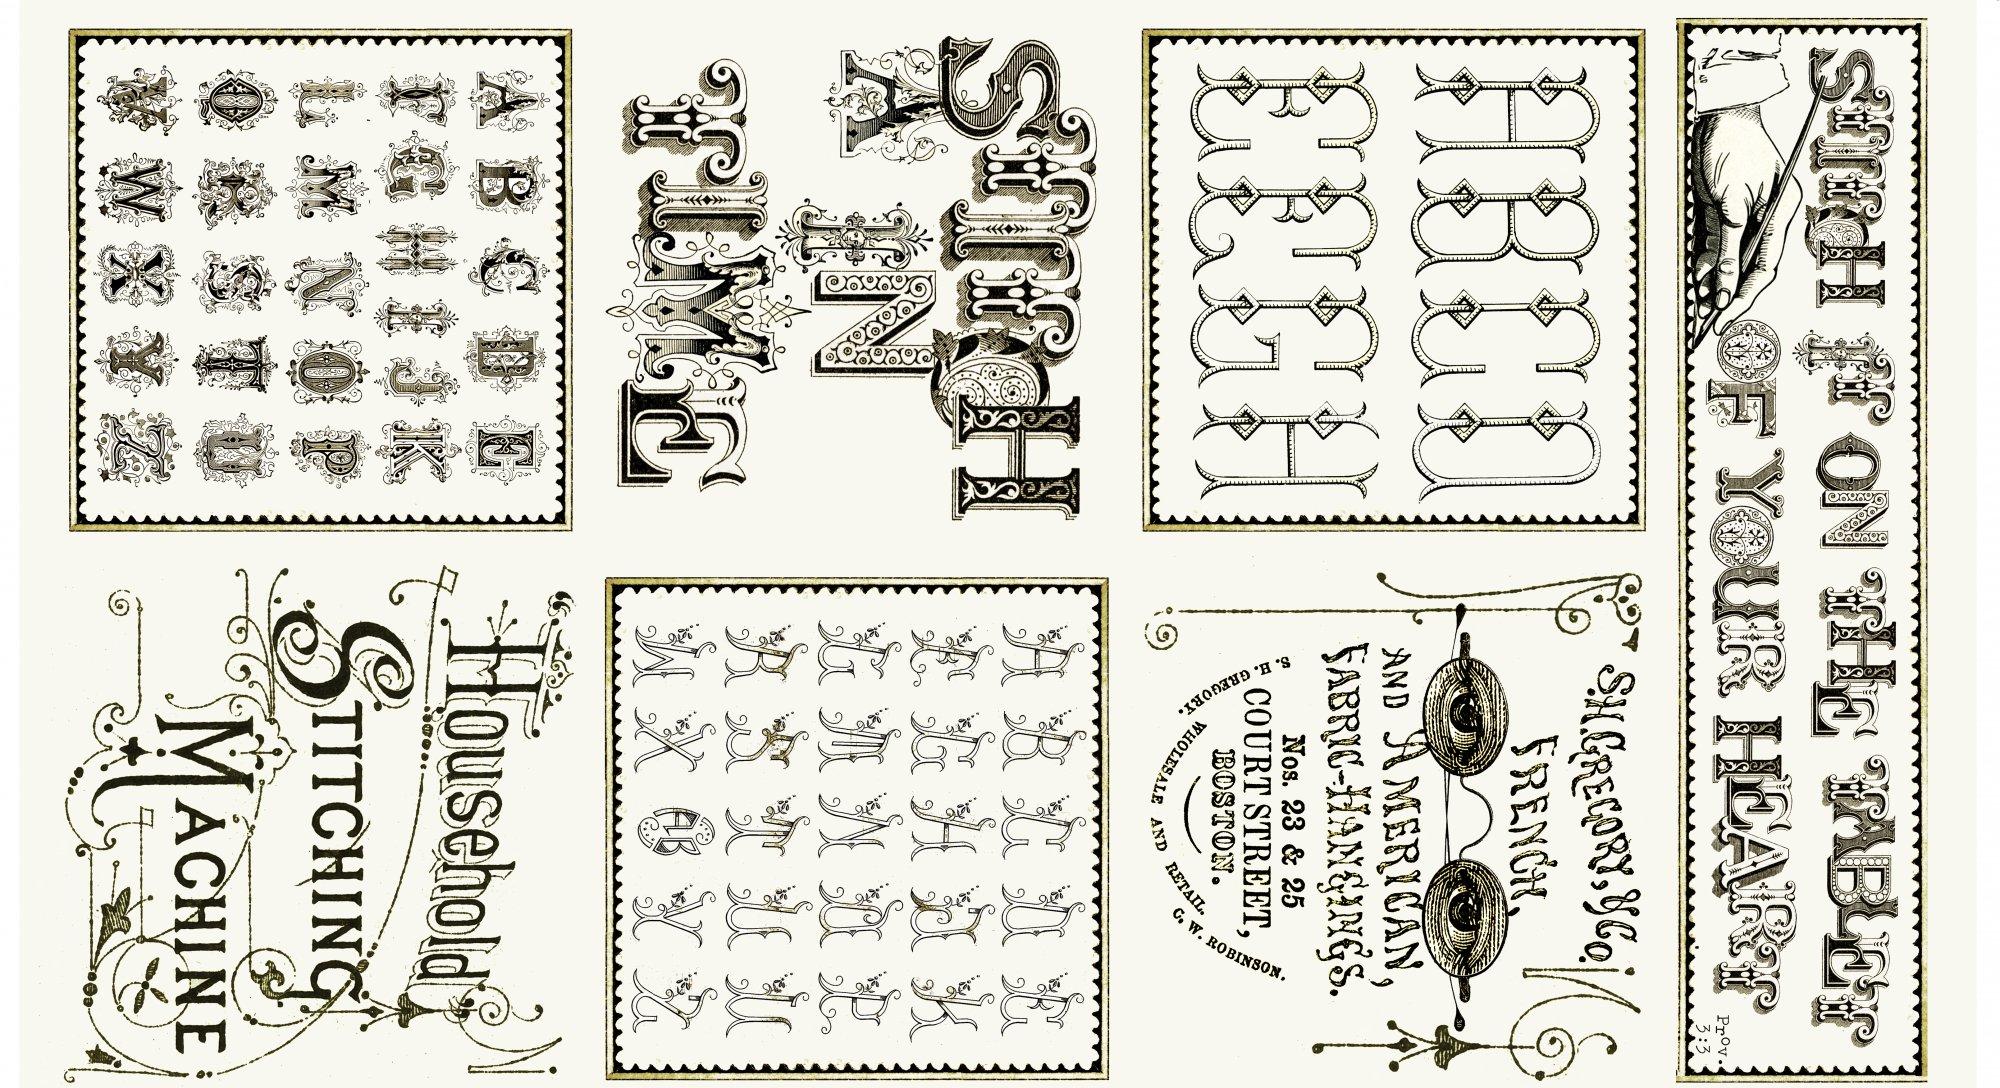 Item#8386 - Letter Stitch - Quilting Treasures - J Wecker Frisch - Bolt# 8386